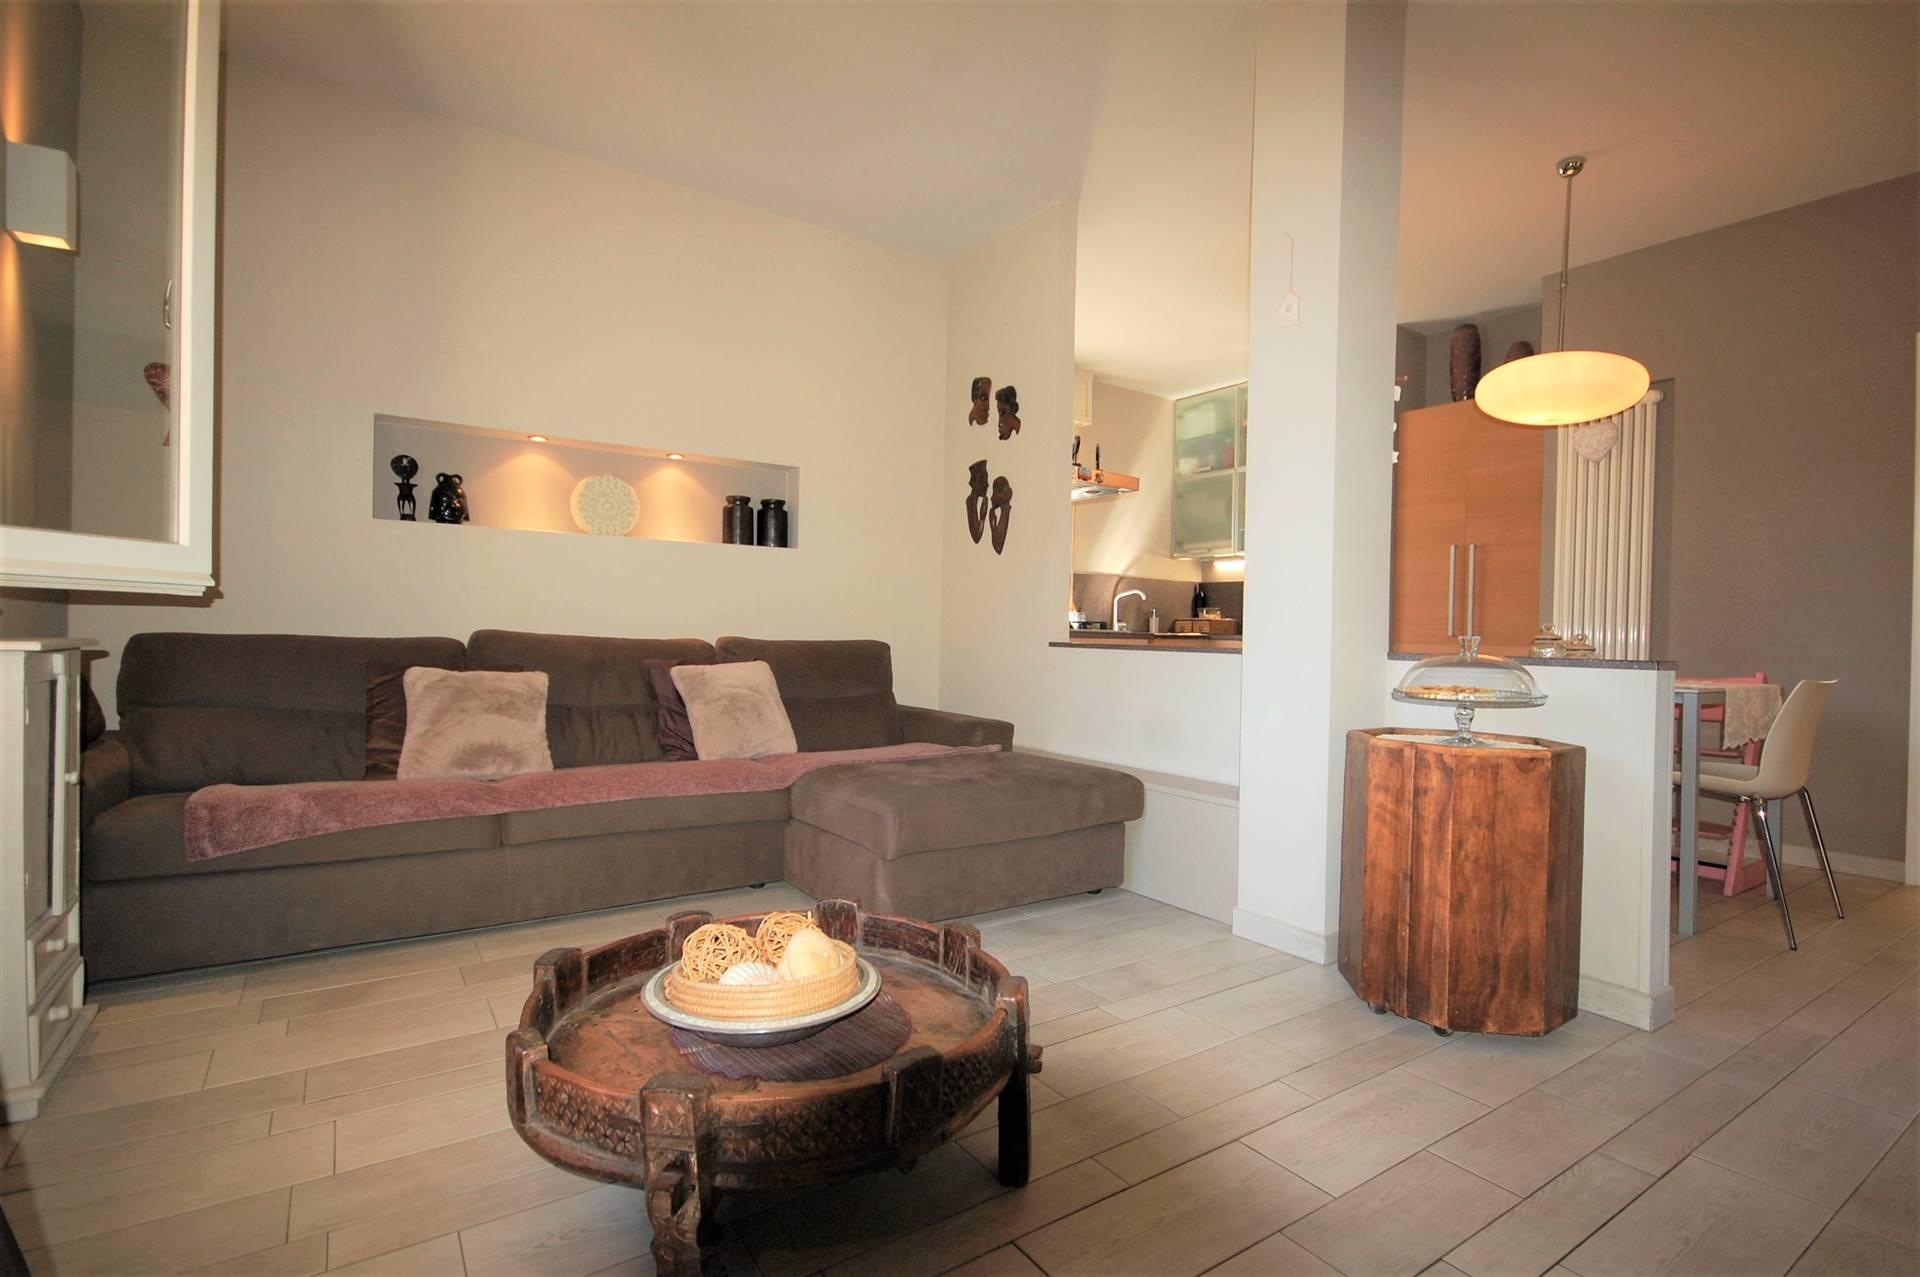 Appartamento in vendita a San Mauro Pascoli, 3 locali, prezzo € 172.000 | CambioCasa.it